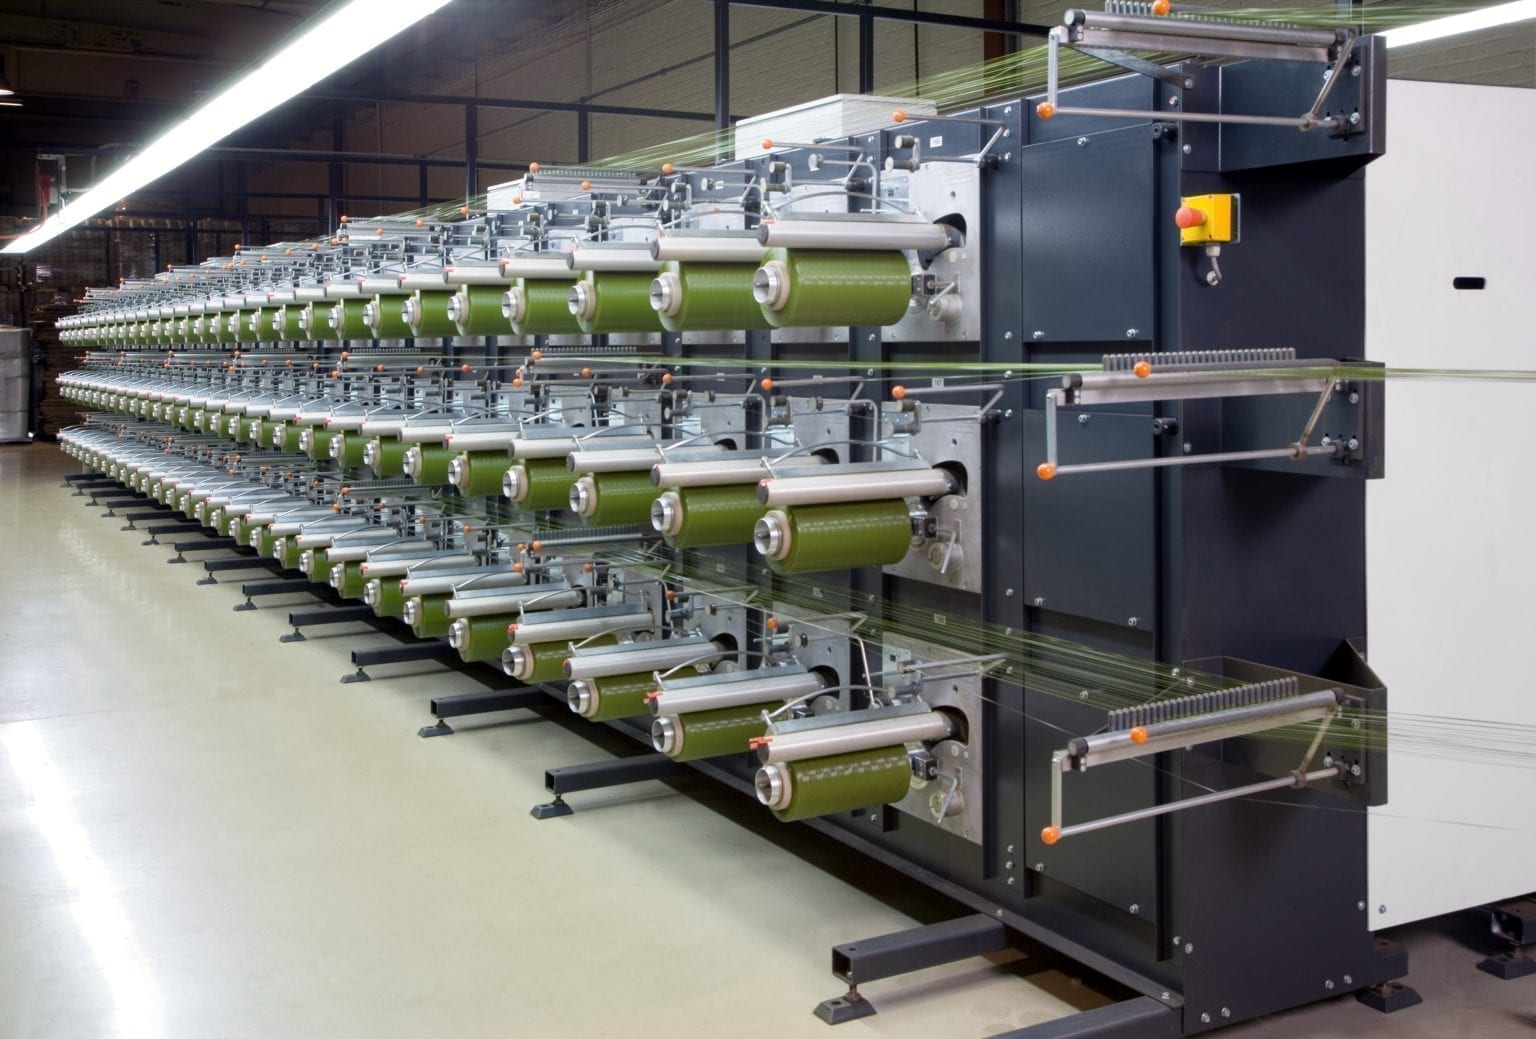 Spulmaschine in der Polytan-Produktion